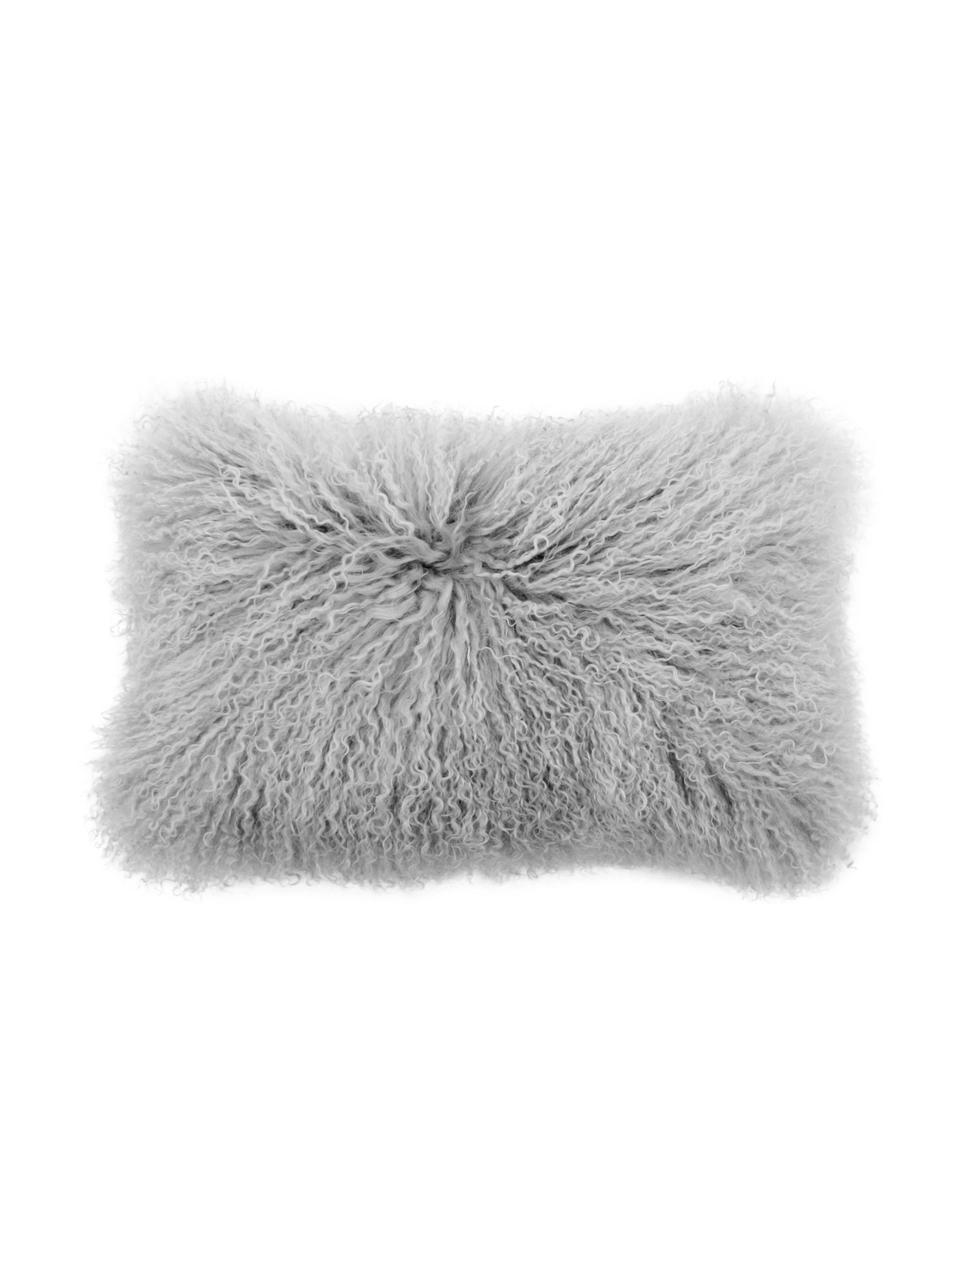 Federa arredo in pelliccia d'agnello a pelo lungo Ella, Retro: 100% poliestere, Grigio chiaro, Larg. 30 x Lung. 50 cm